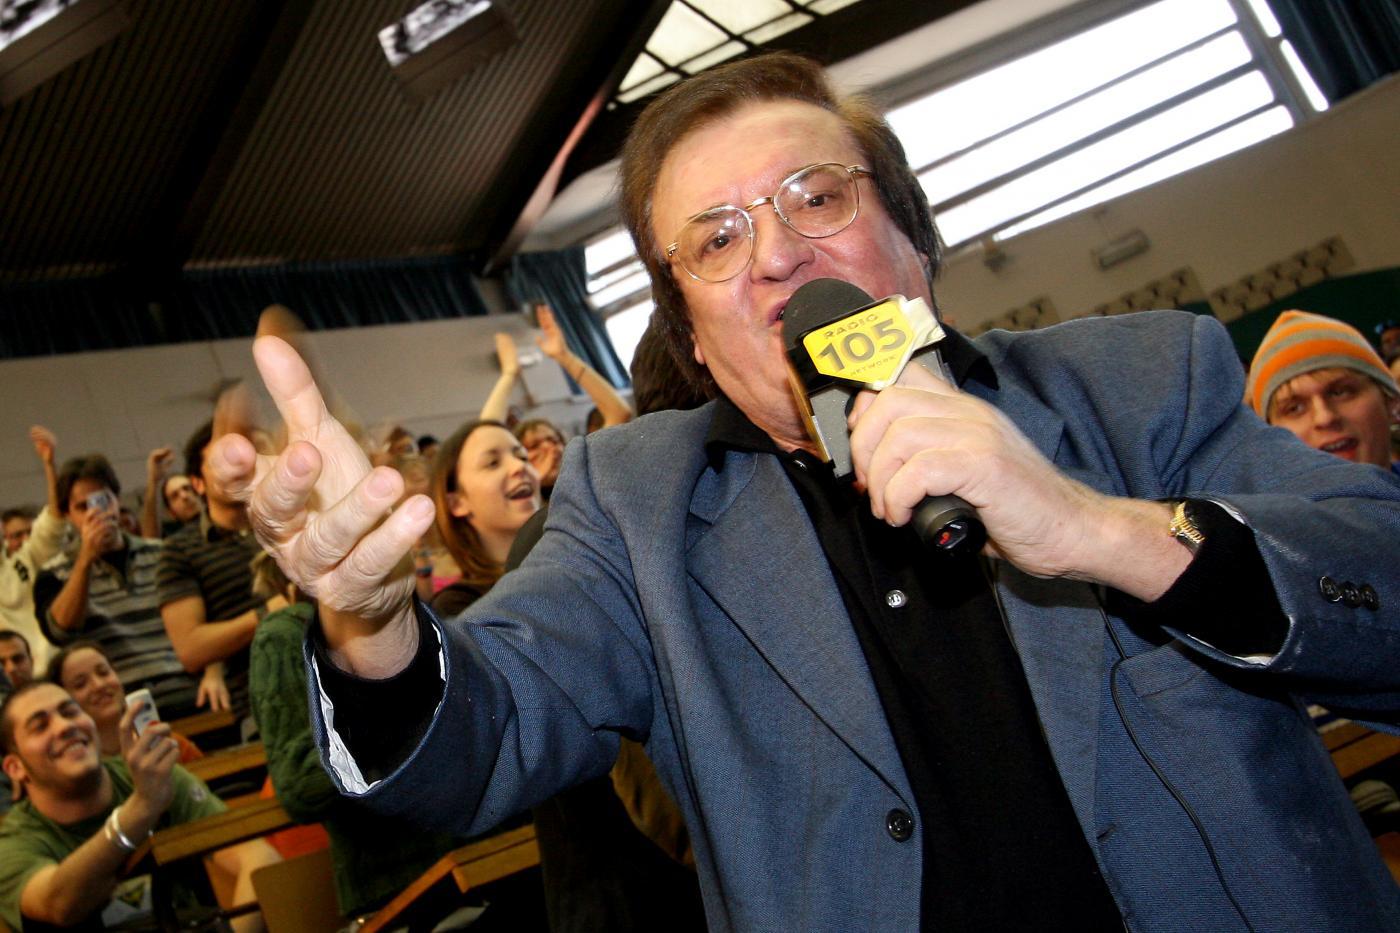 Morto Leone di Lernia: il cantante di origini pugliesi aveva 78 anni